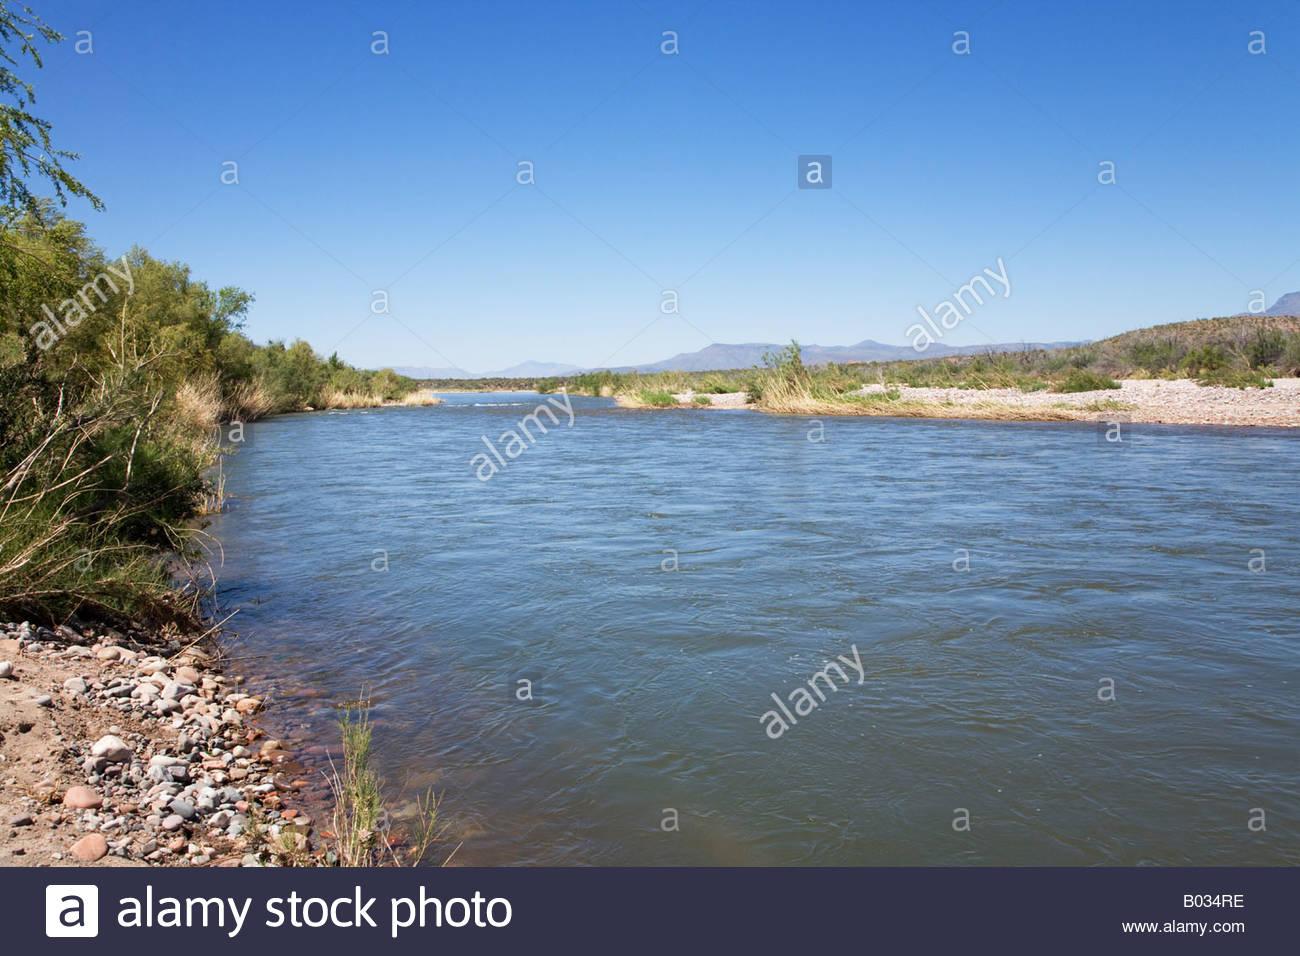 Salt River downstream SR 288 spring runoff travel scene - Stock Image